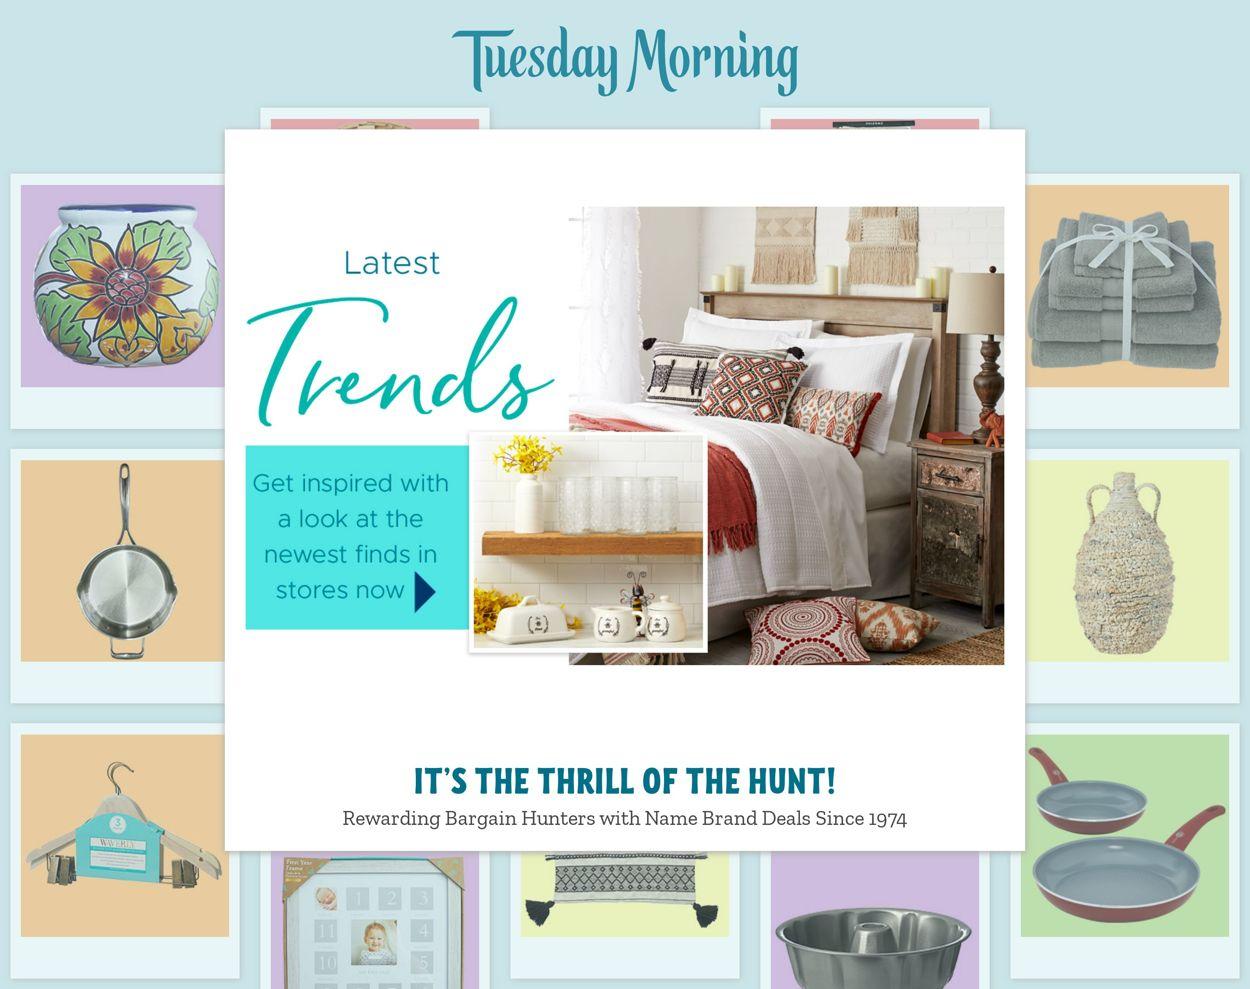 Tuesday Morning Weekly Ad Circular - valid 02/11-02/17/2021